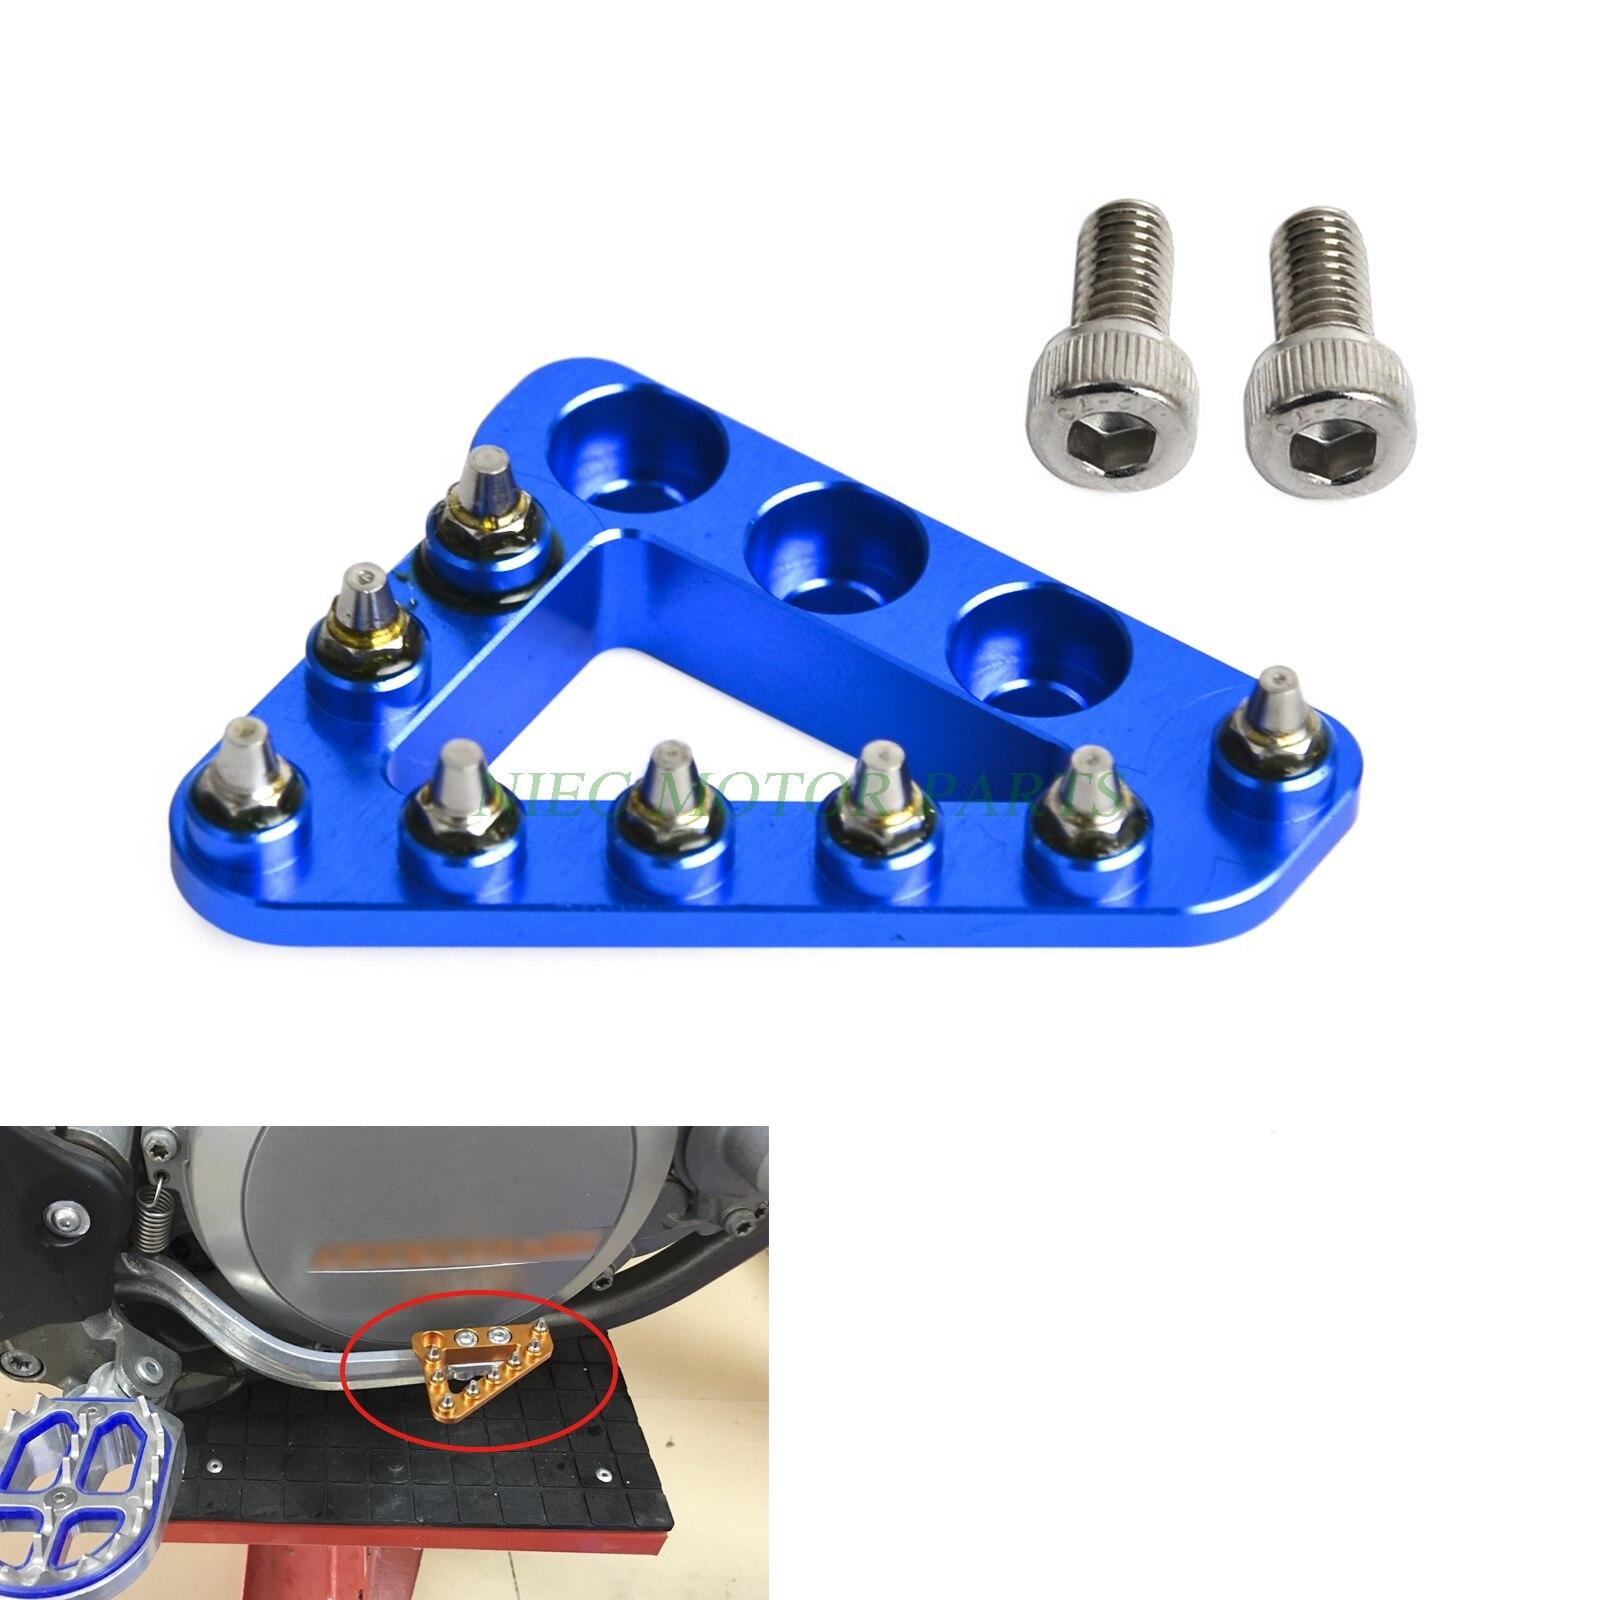 New Large CNC Rear Brake Pedal Step Plate Tip For Husaberg FE TE FS FX Husqvarna FE TC TE FC 125 250 300 450 501